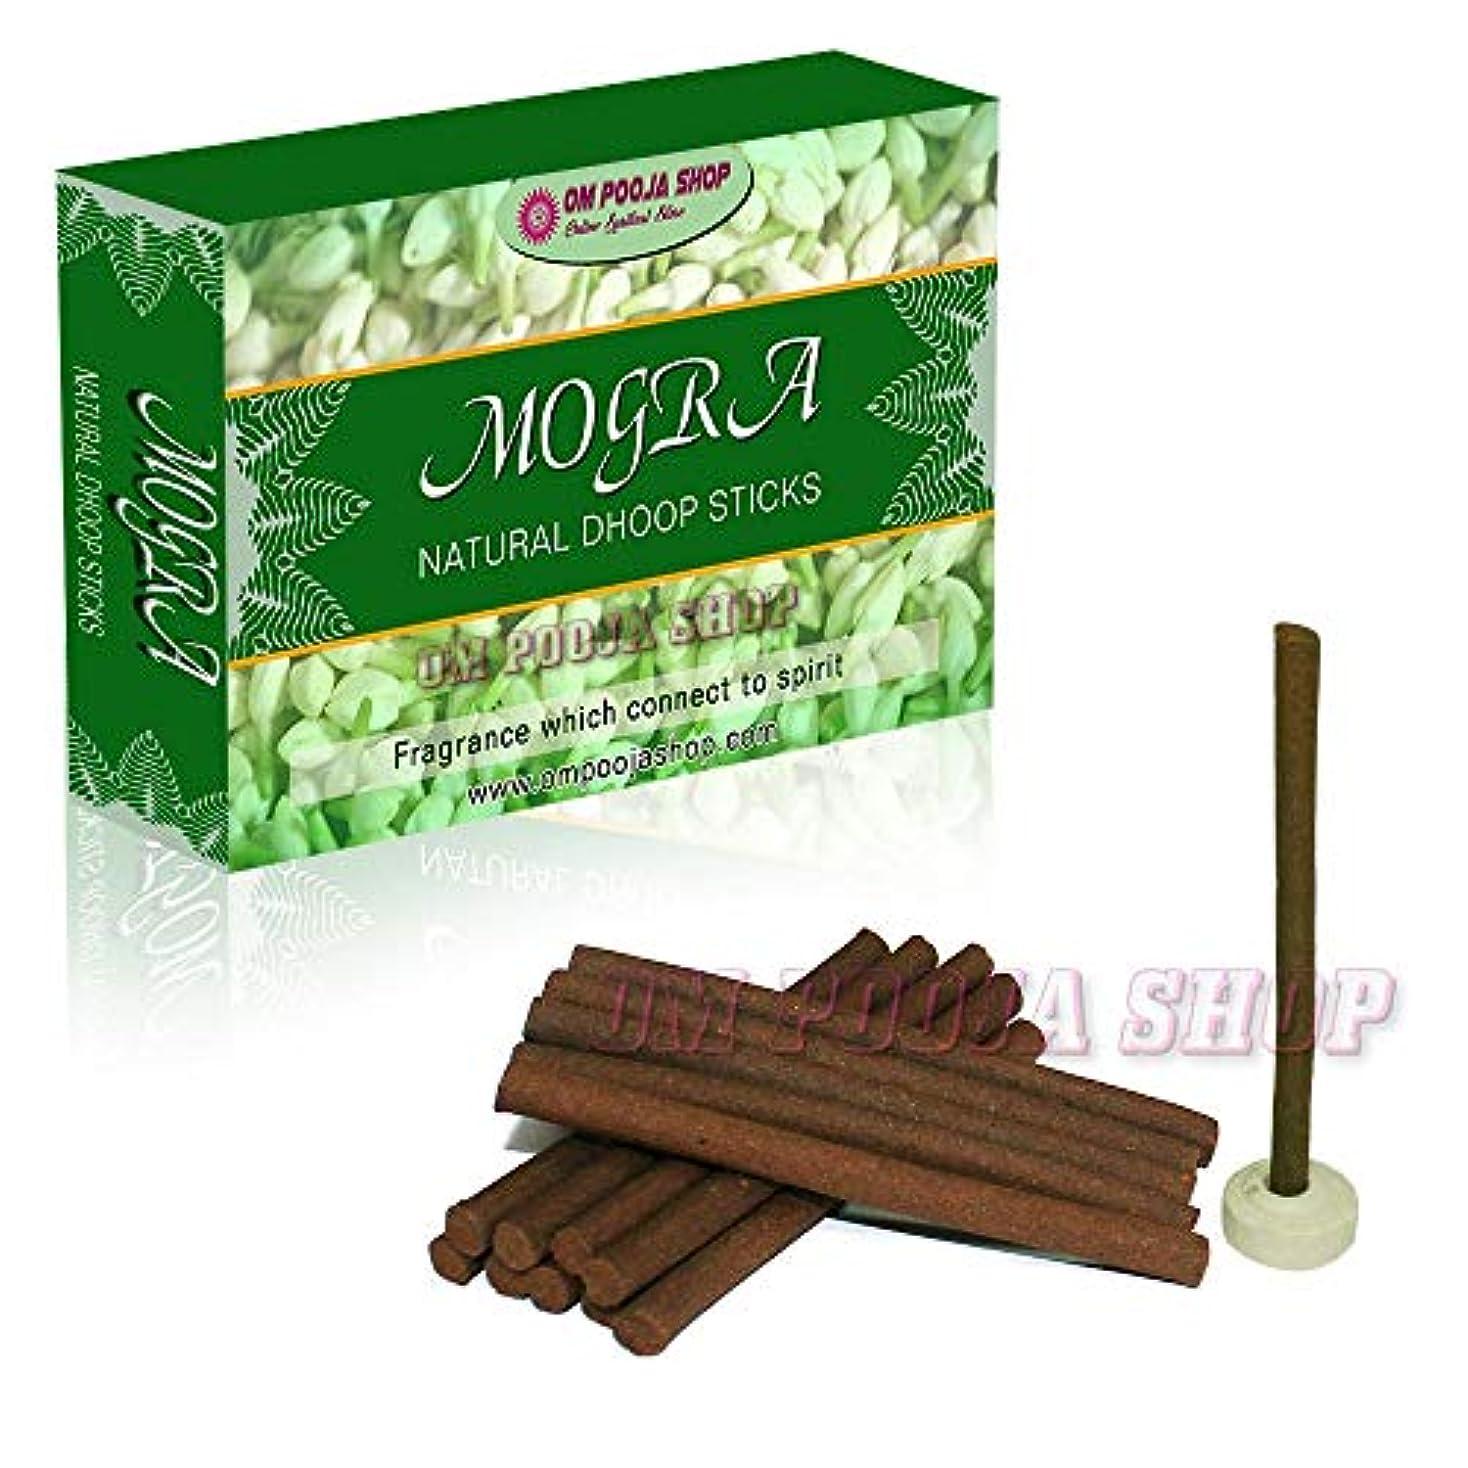 韓国語露カンガルーOm Pooja Shop Mogra (ジャスミンの花) 天然のフープスティック 100本